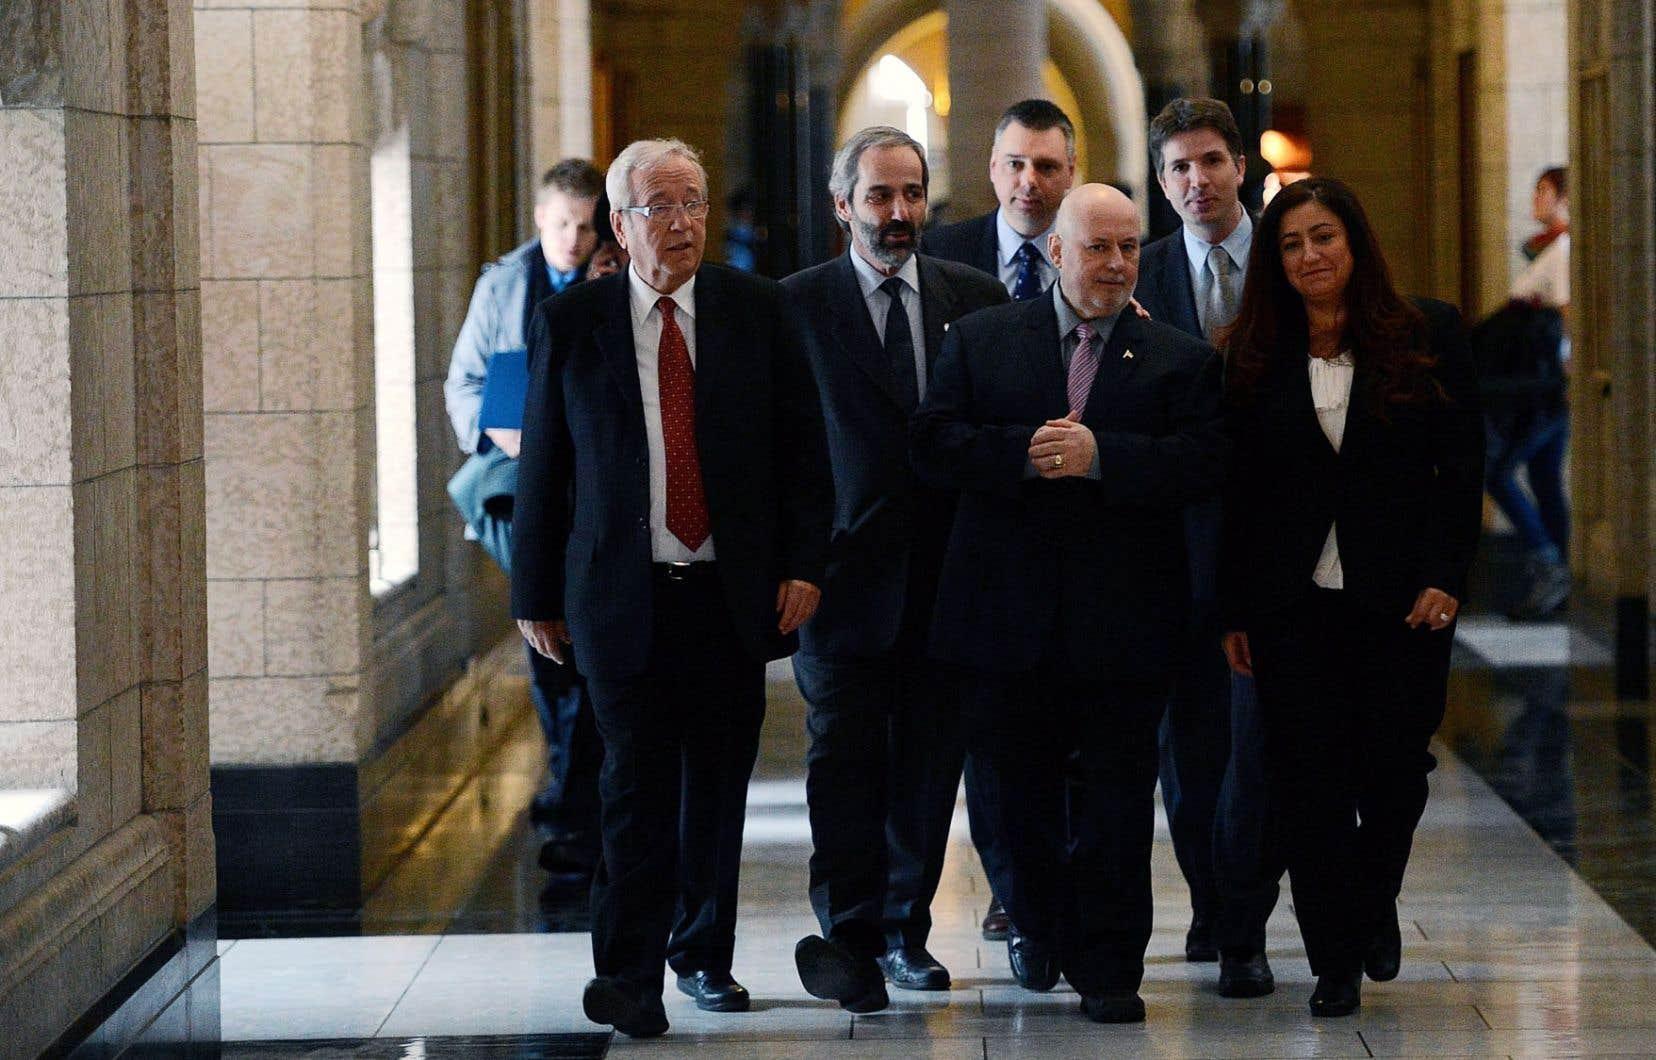 La décision de Claude Patry porte à cinq le nombre de députés bloquistes aux Communes. Claude Patry (devant, au centre) marche en compagnie de ses nouveaux collègues du Bloc québécois et de leur chef, Daniel Paillé.